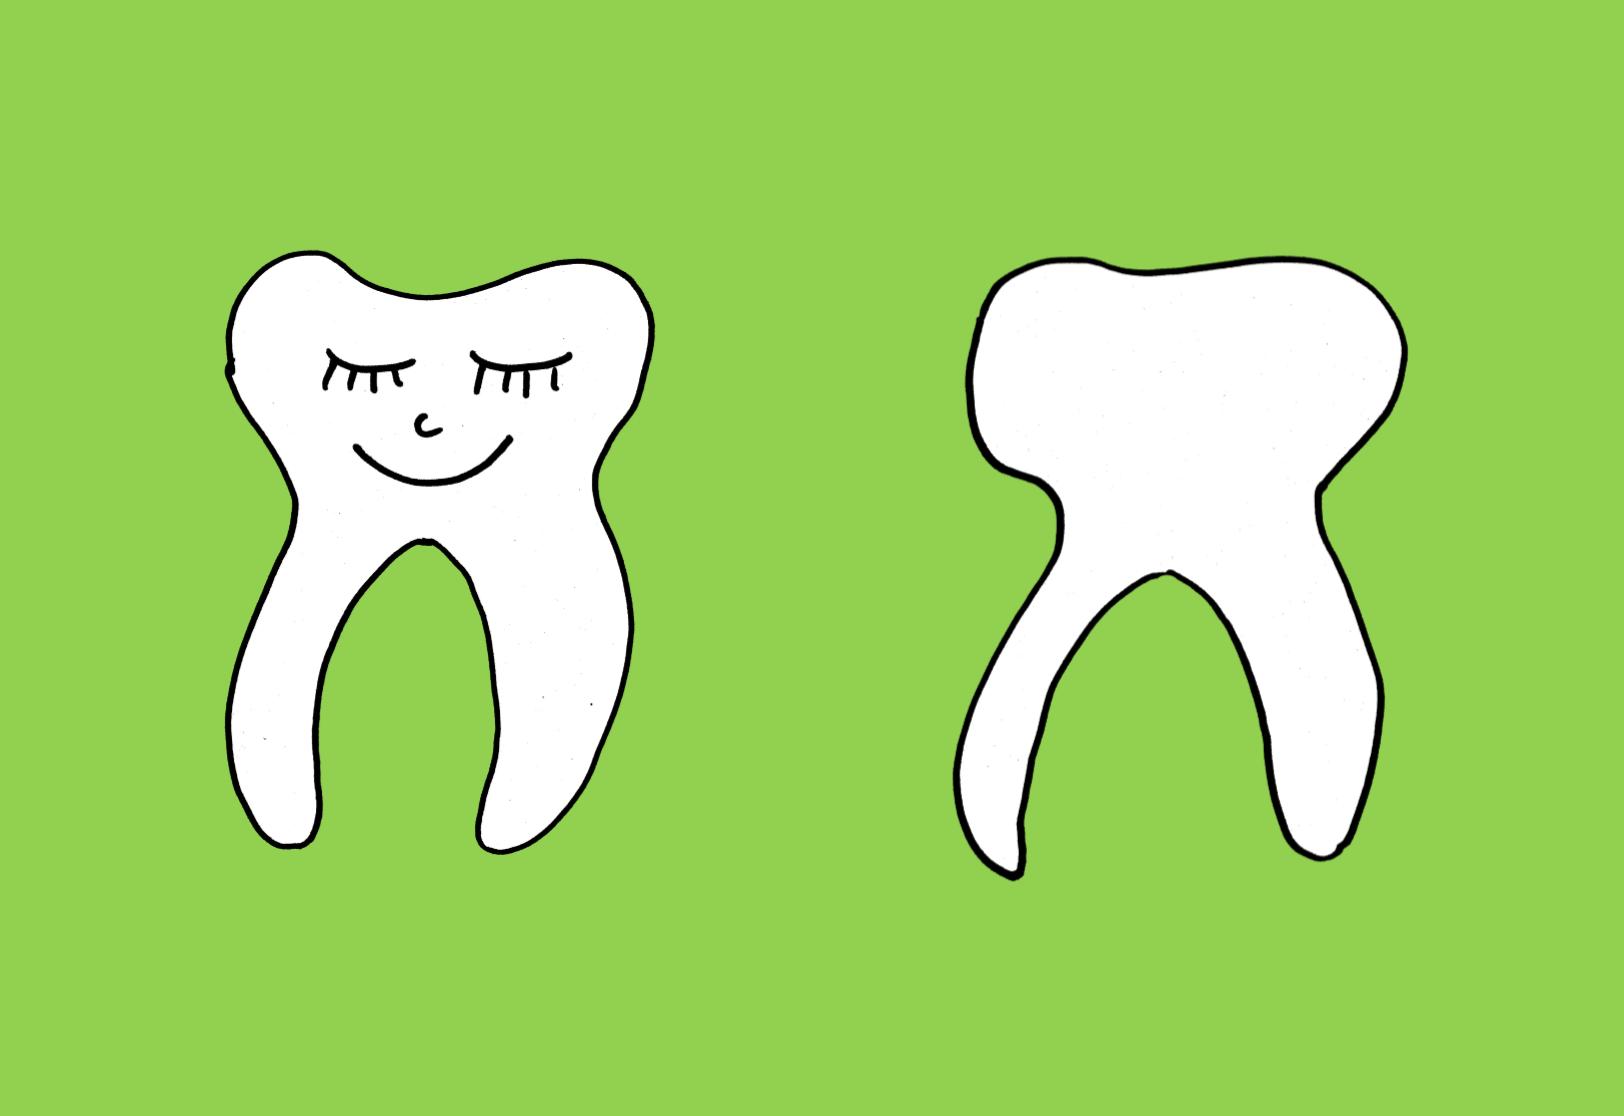 Was ist gesund/ungesund für die Zähne? Vorlage für ein Plakat - Frau ...